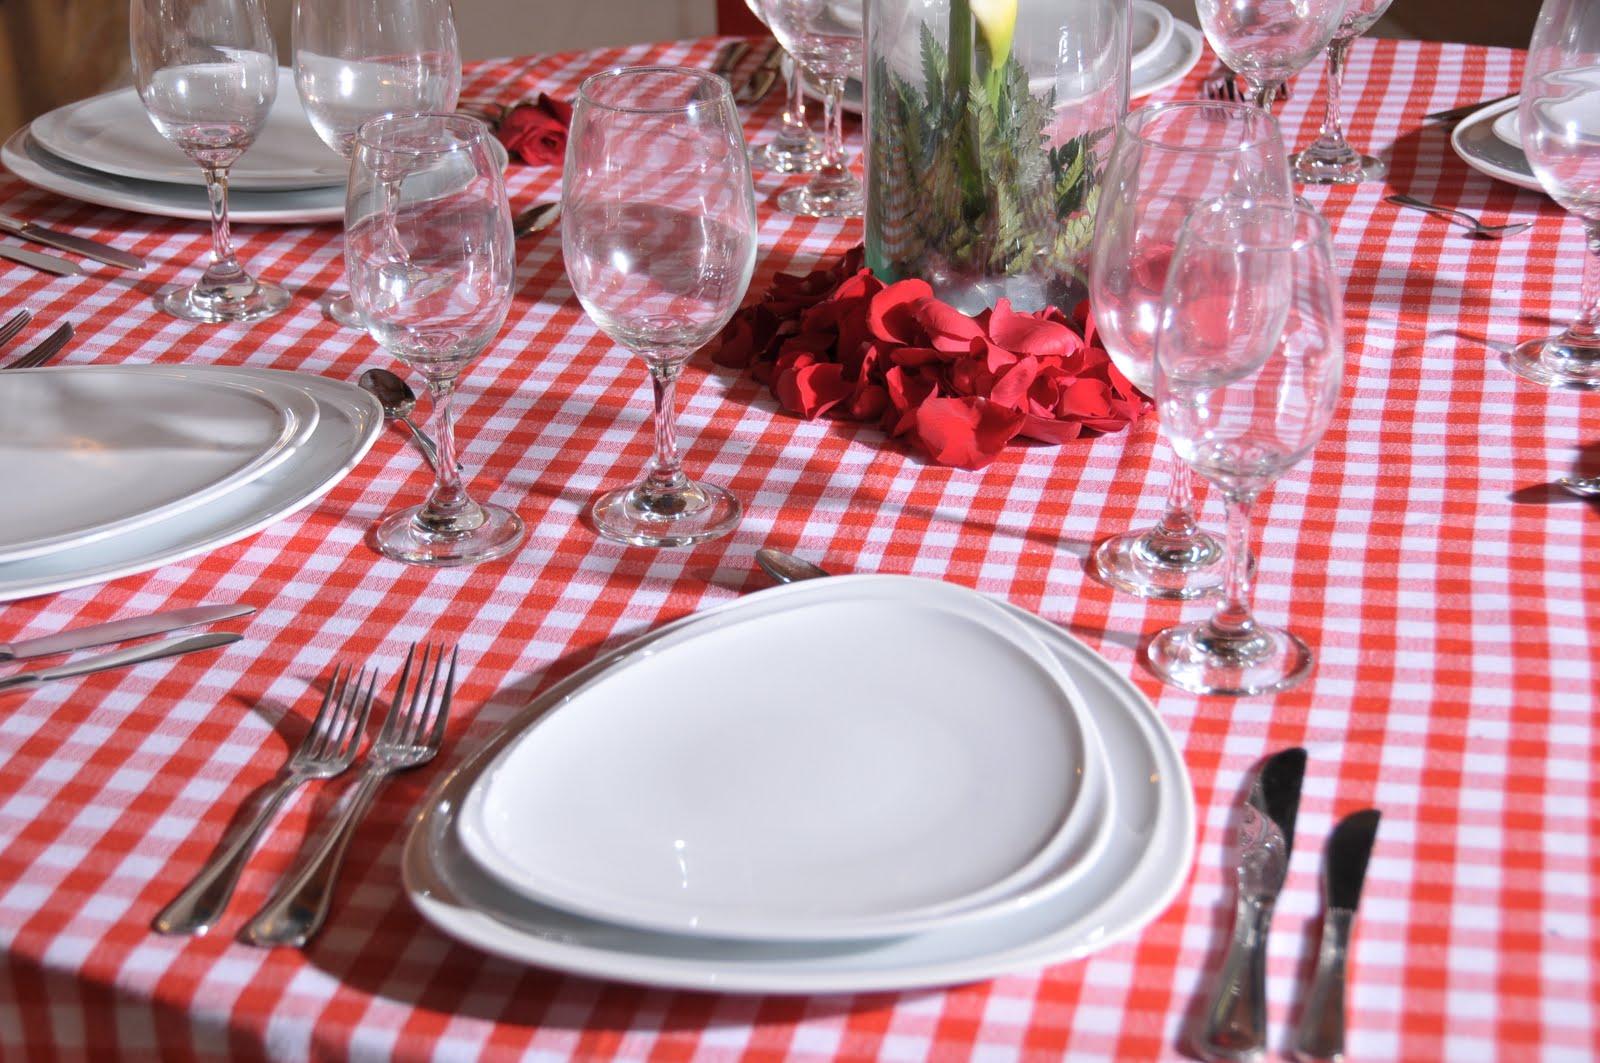 Eventos con estilo malbe for Como colocar los cubiertos en la mesa